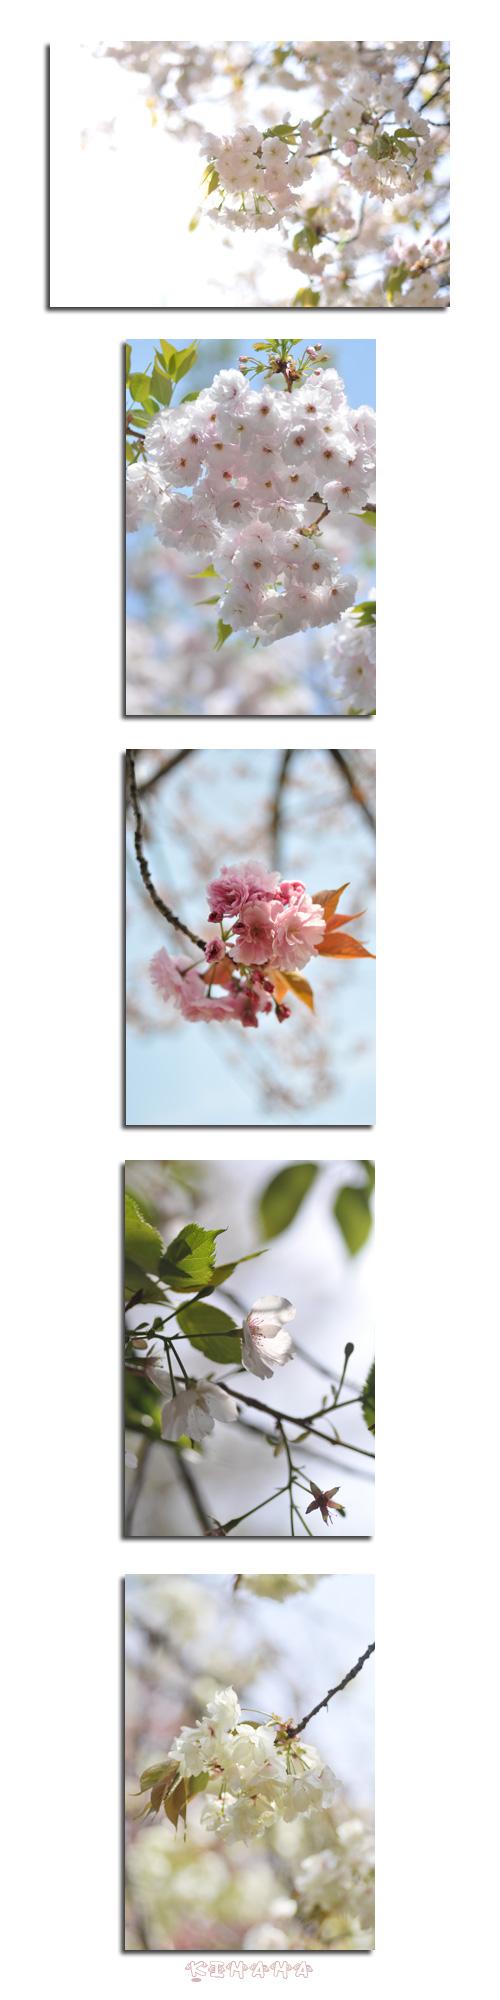 4月20日八重桜3